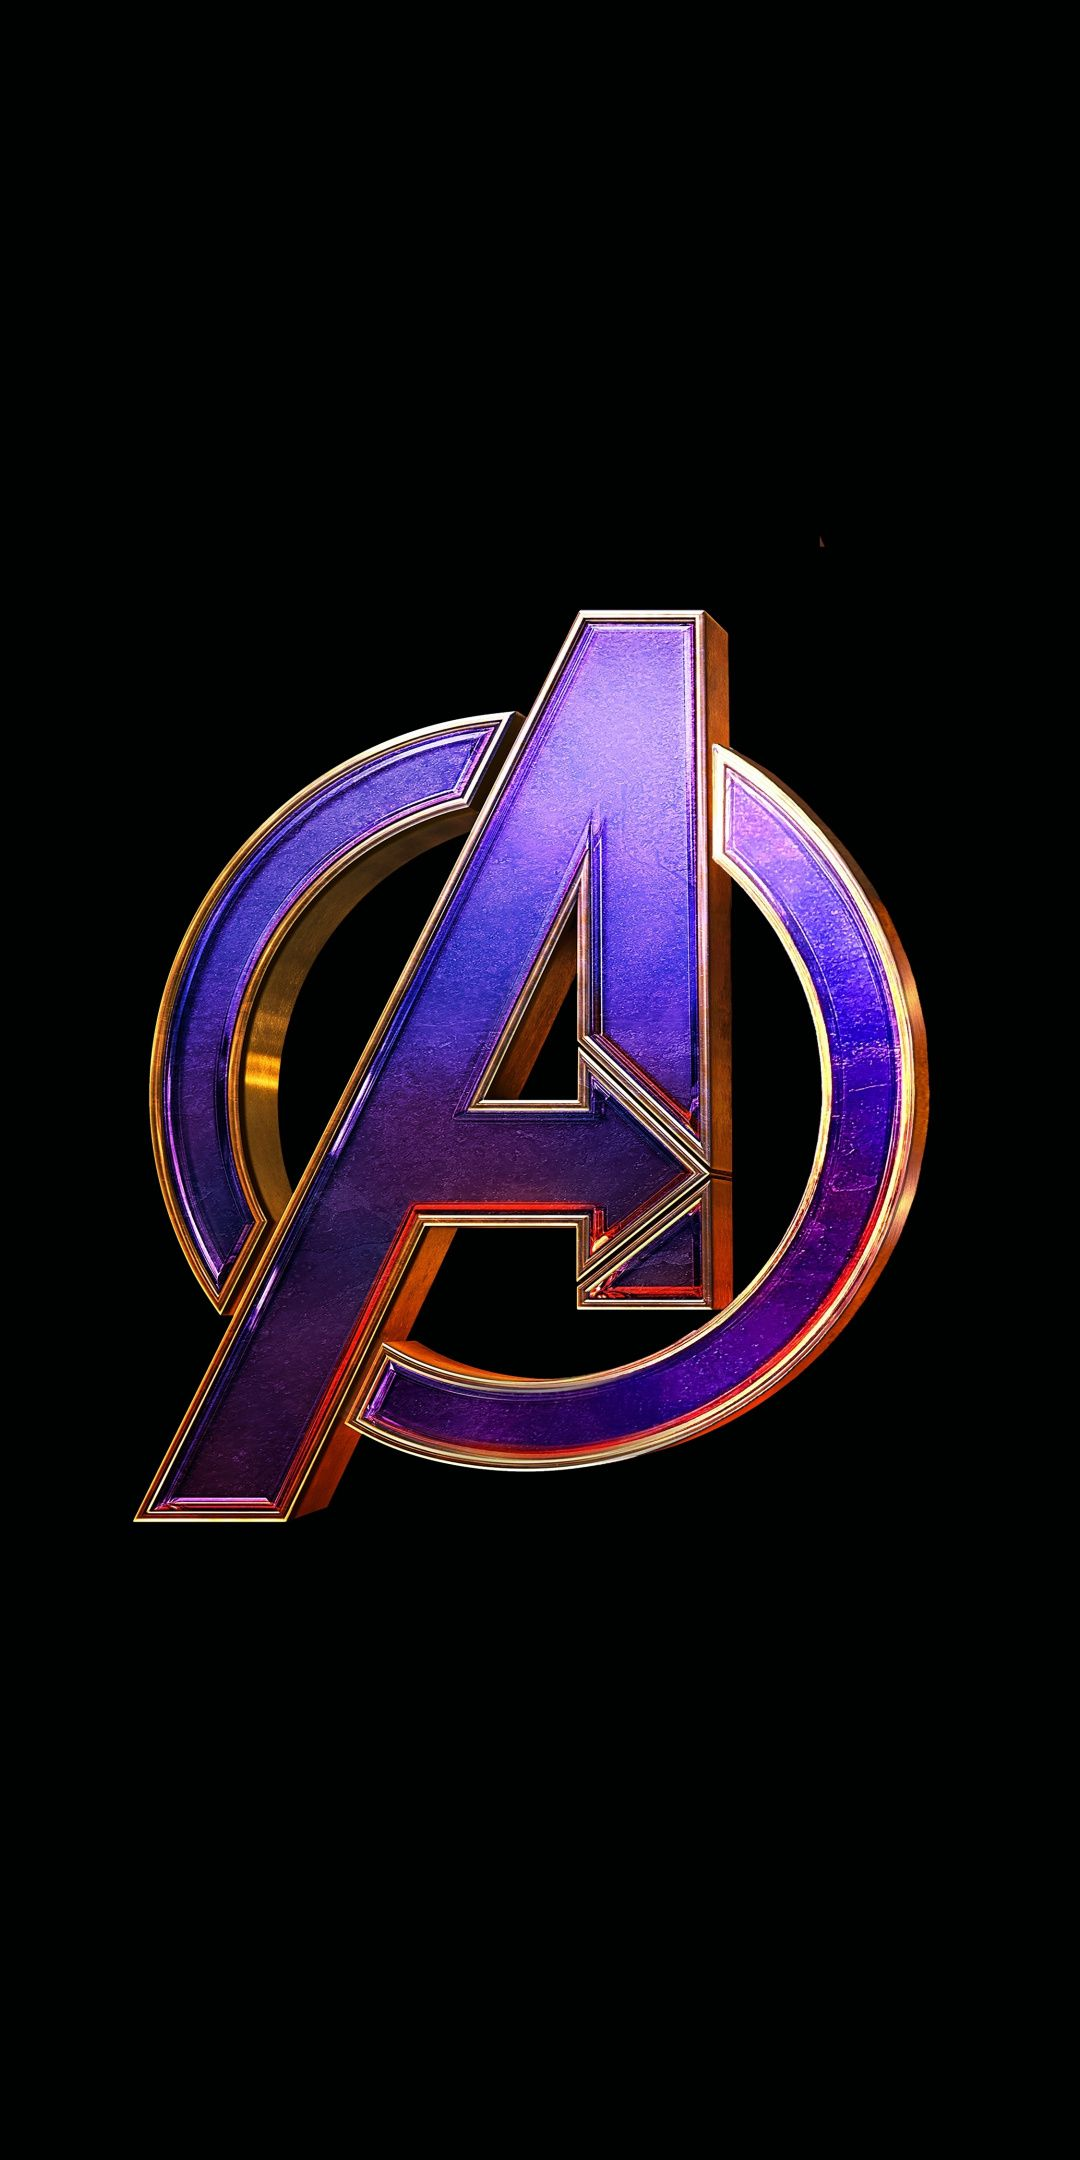 Avengers: Endgame, movie, logo Wallpaper.